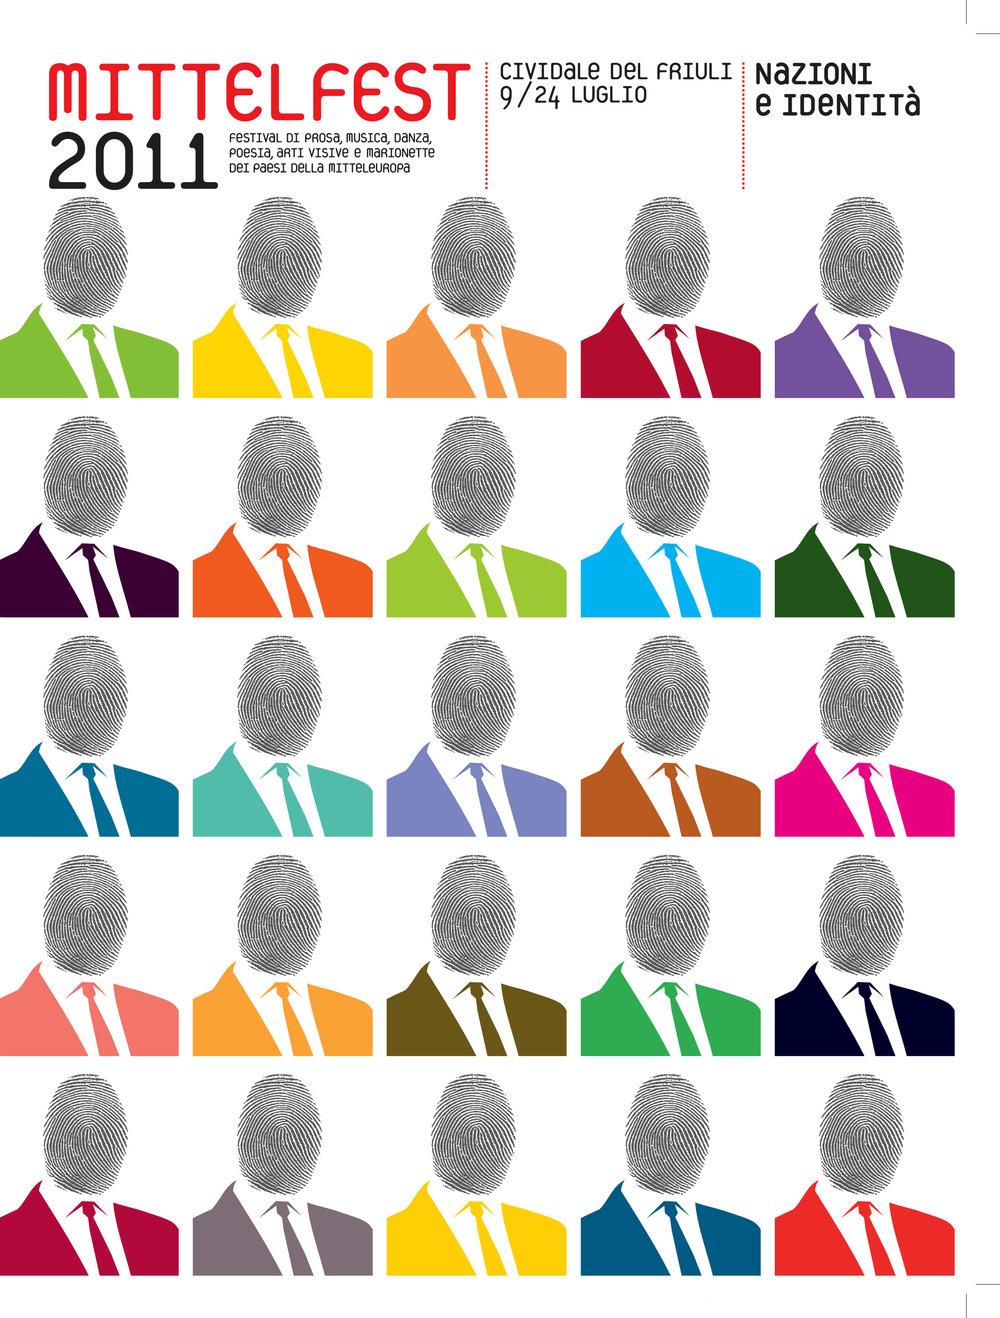 2011 Nazioni e Identità